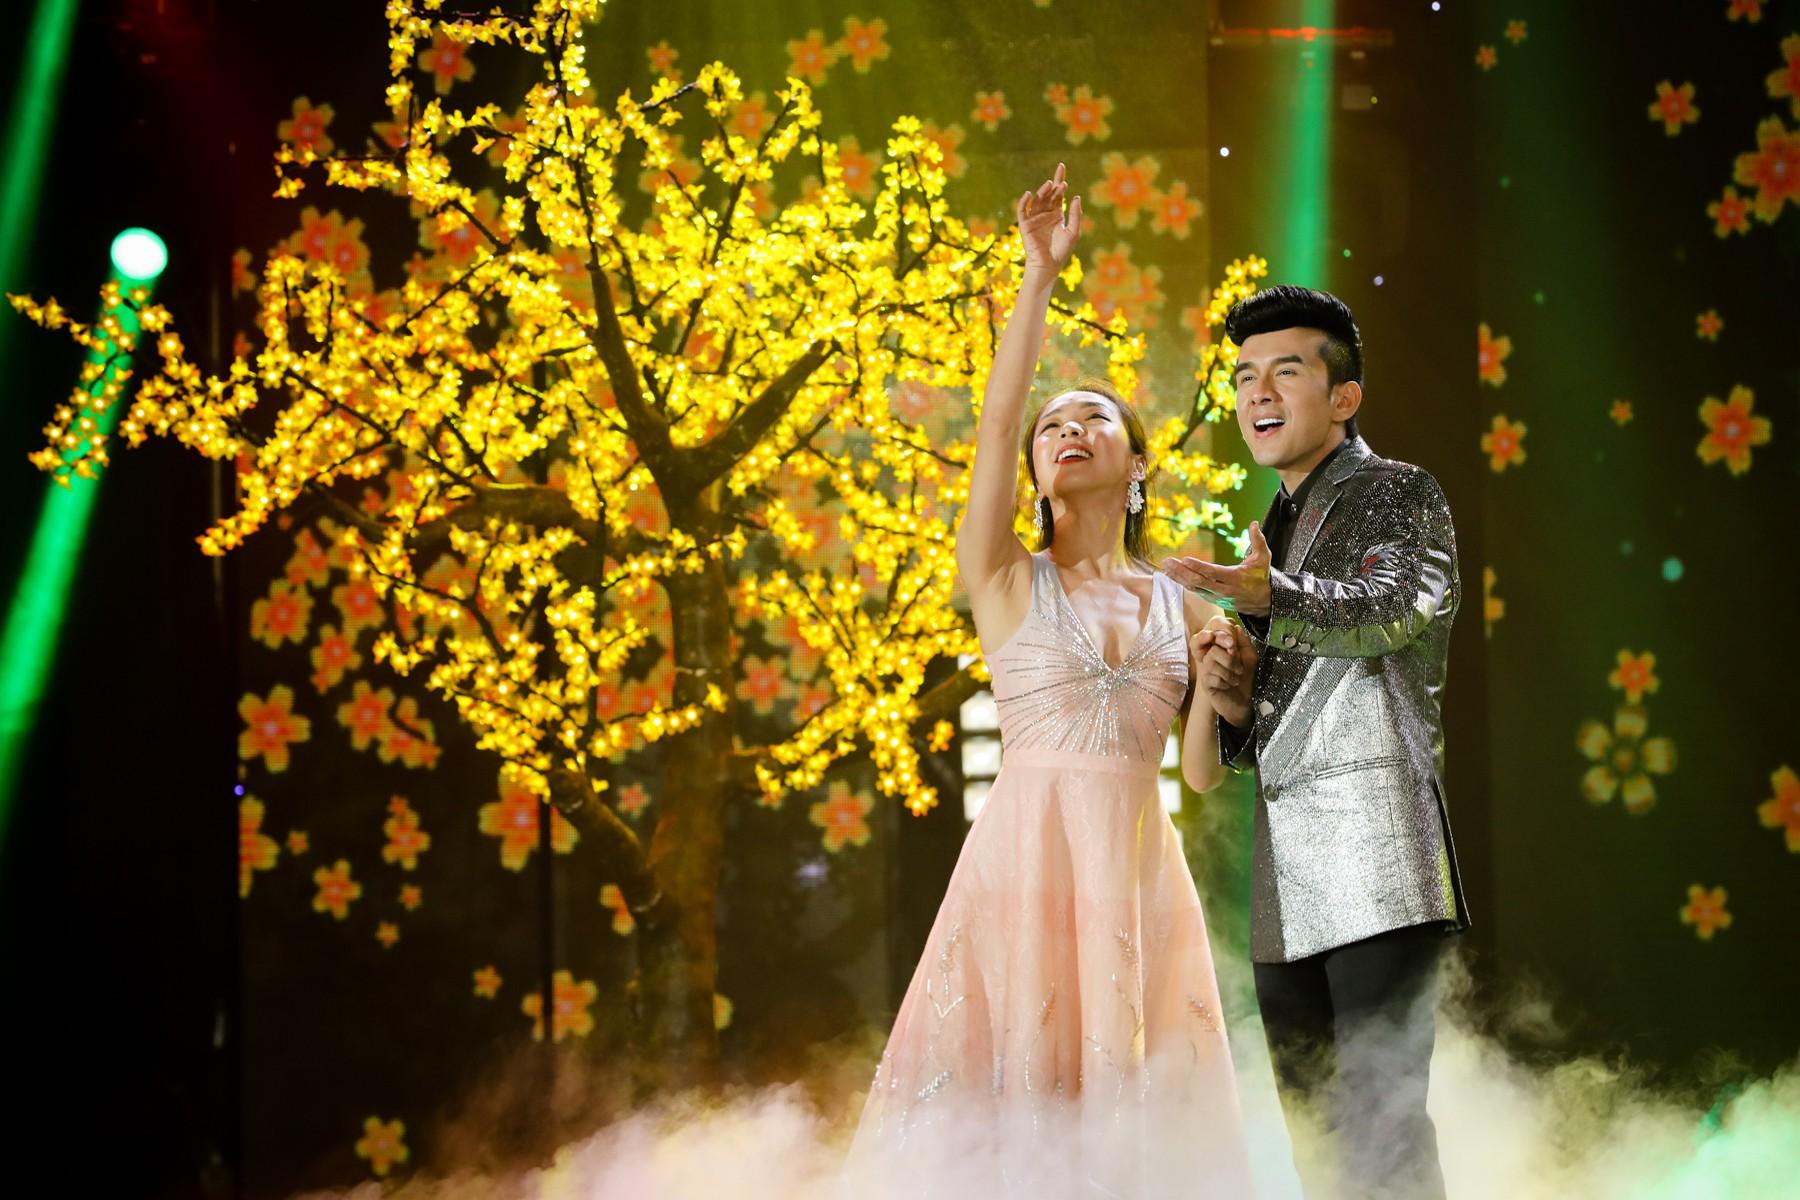 Hồ Ngọc Hà lần đầu trình diễn ca khúc mới, cùng dàn sao Việt đình đám hội ngộ trong chương trình nhạc Xuân 2019 - Ảnh 6.